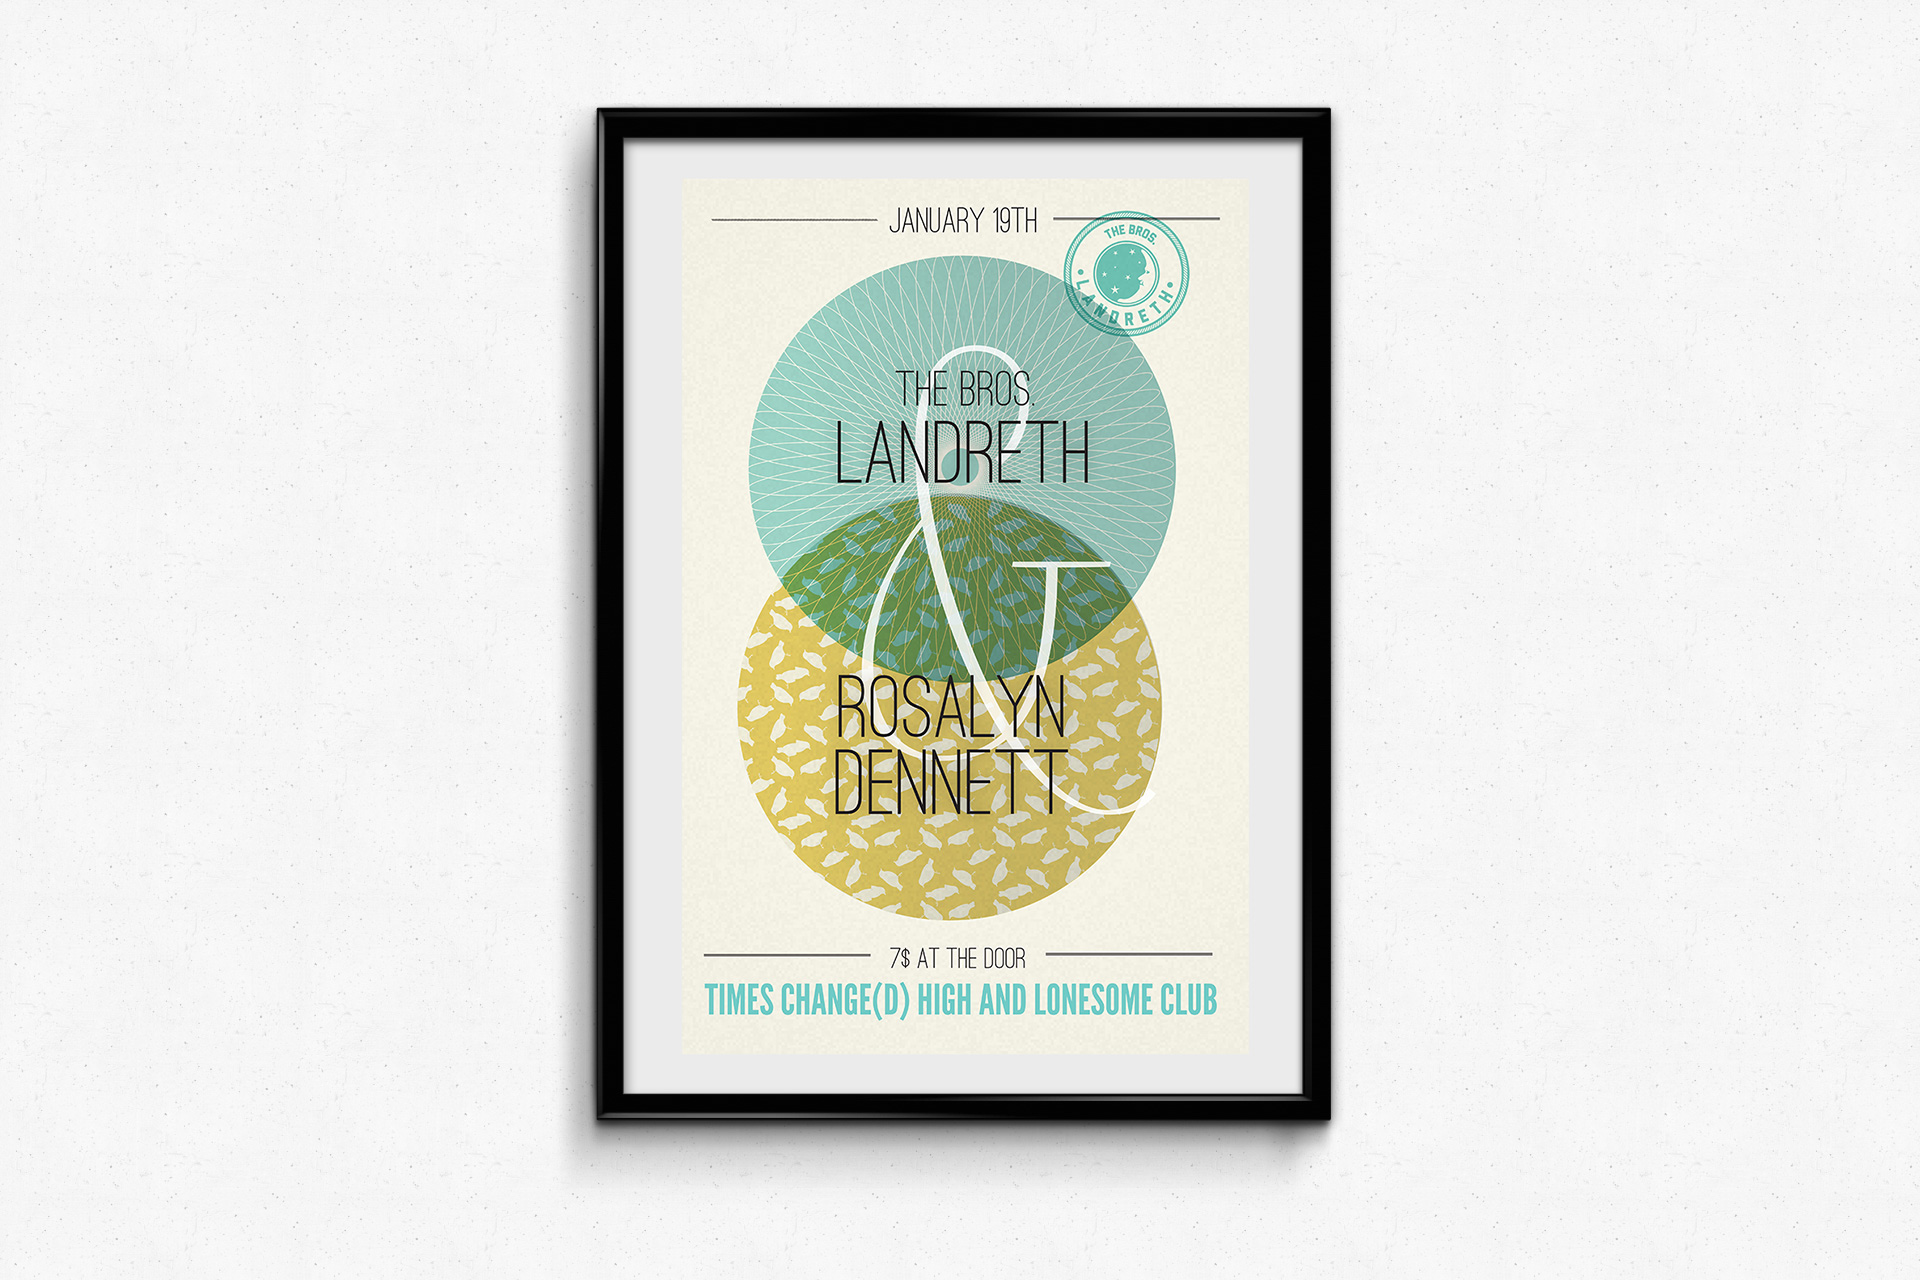 The Bros Landreth & Rosalyn Dennett